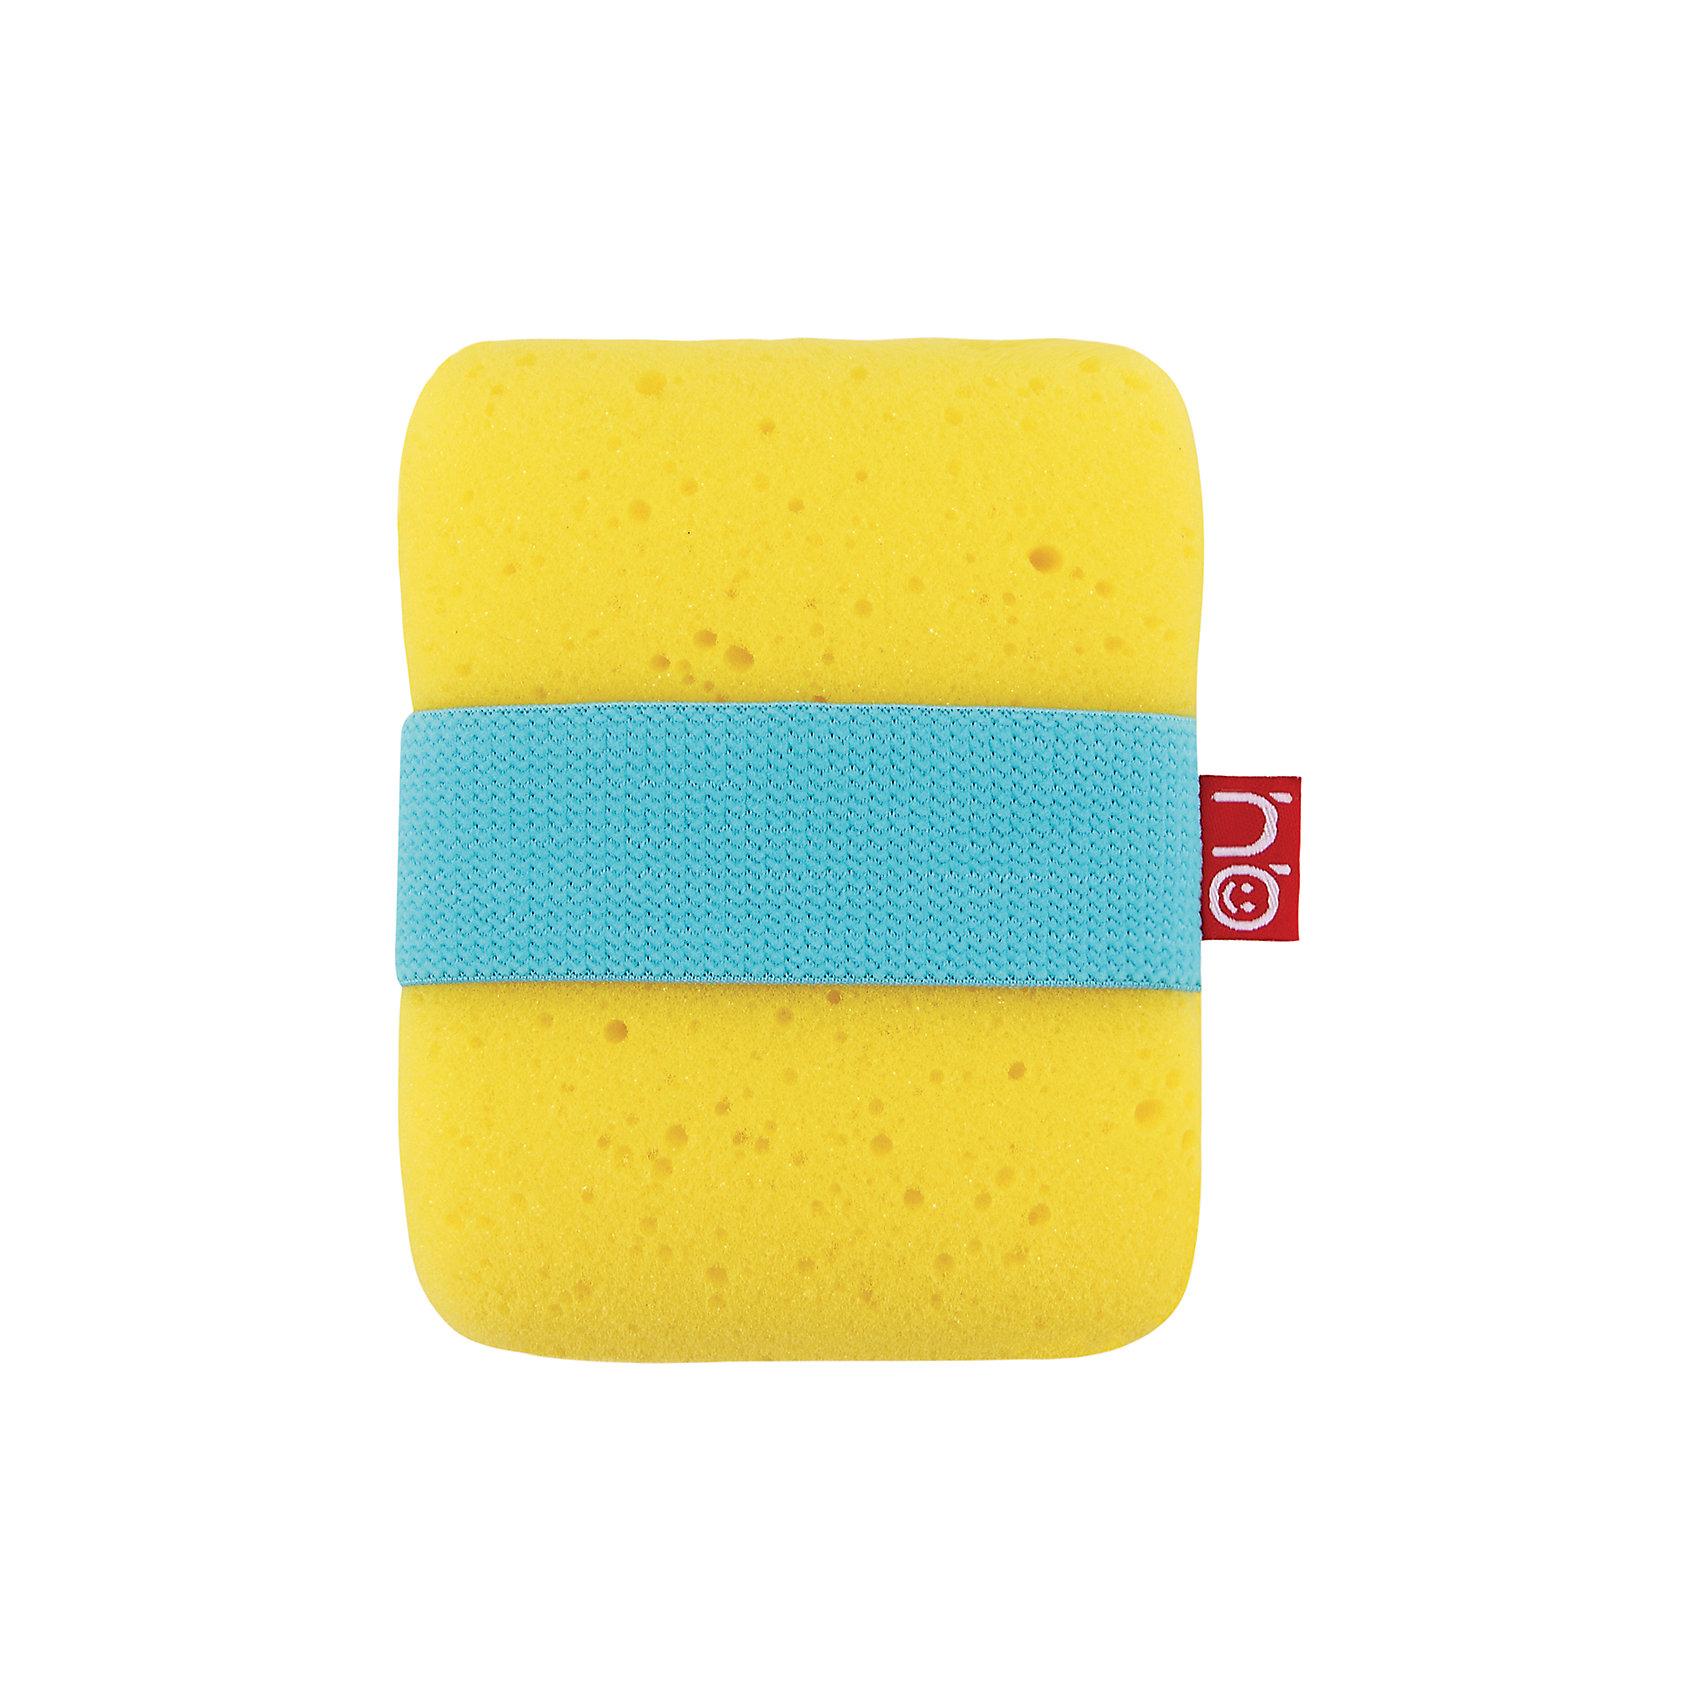 Мочалка с эластичным фиксатором Sponge, Happy Baby, жёлтыйПолотенца, мочалки, халаты<br>Мягкая мочалка разработана специально для нежной кожи малыша. Прекрасно подходит для новорожденных. Благодаря высококачественному мягкому материалу, из которого сделана мочалка SPONGE+, купание для вашего ребёнка станет ещё приятней. Эластичный материал внутри мочалки позволит плотно зафиксировать её на руке. Для большего удобства имеется маленький кармашек, в который можно при необходимости положить мыльце.<br><br>Дополнительная информация:<br><br>- материал: пенополиуретан<br>- размеры в упаковке: 16,5 х 25,5 х 19,5 см<br><br>Мочалку с эластичным фиксатором Sponge, Happy Baby, желтую можно купить в нашем магазине.<br><br>Ширина мм: 165<br>Глубина мм: 255<br>Высота мм: 195<br>Вес г: 400<br>Возраст от месяцев: 0<br>Возраст до месяцев: 36<br>Пол: Унисекс<br>Возраст: Детский<br>SKU: 4012413